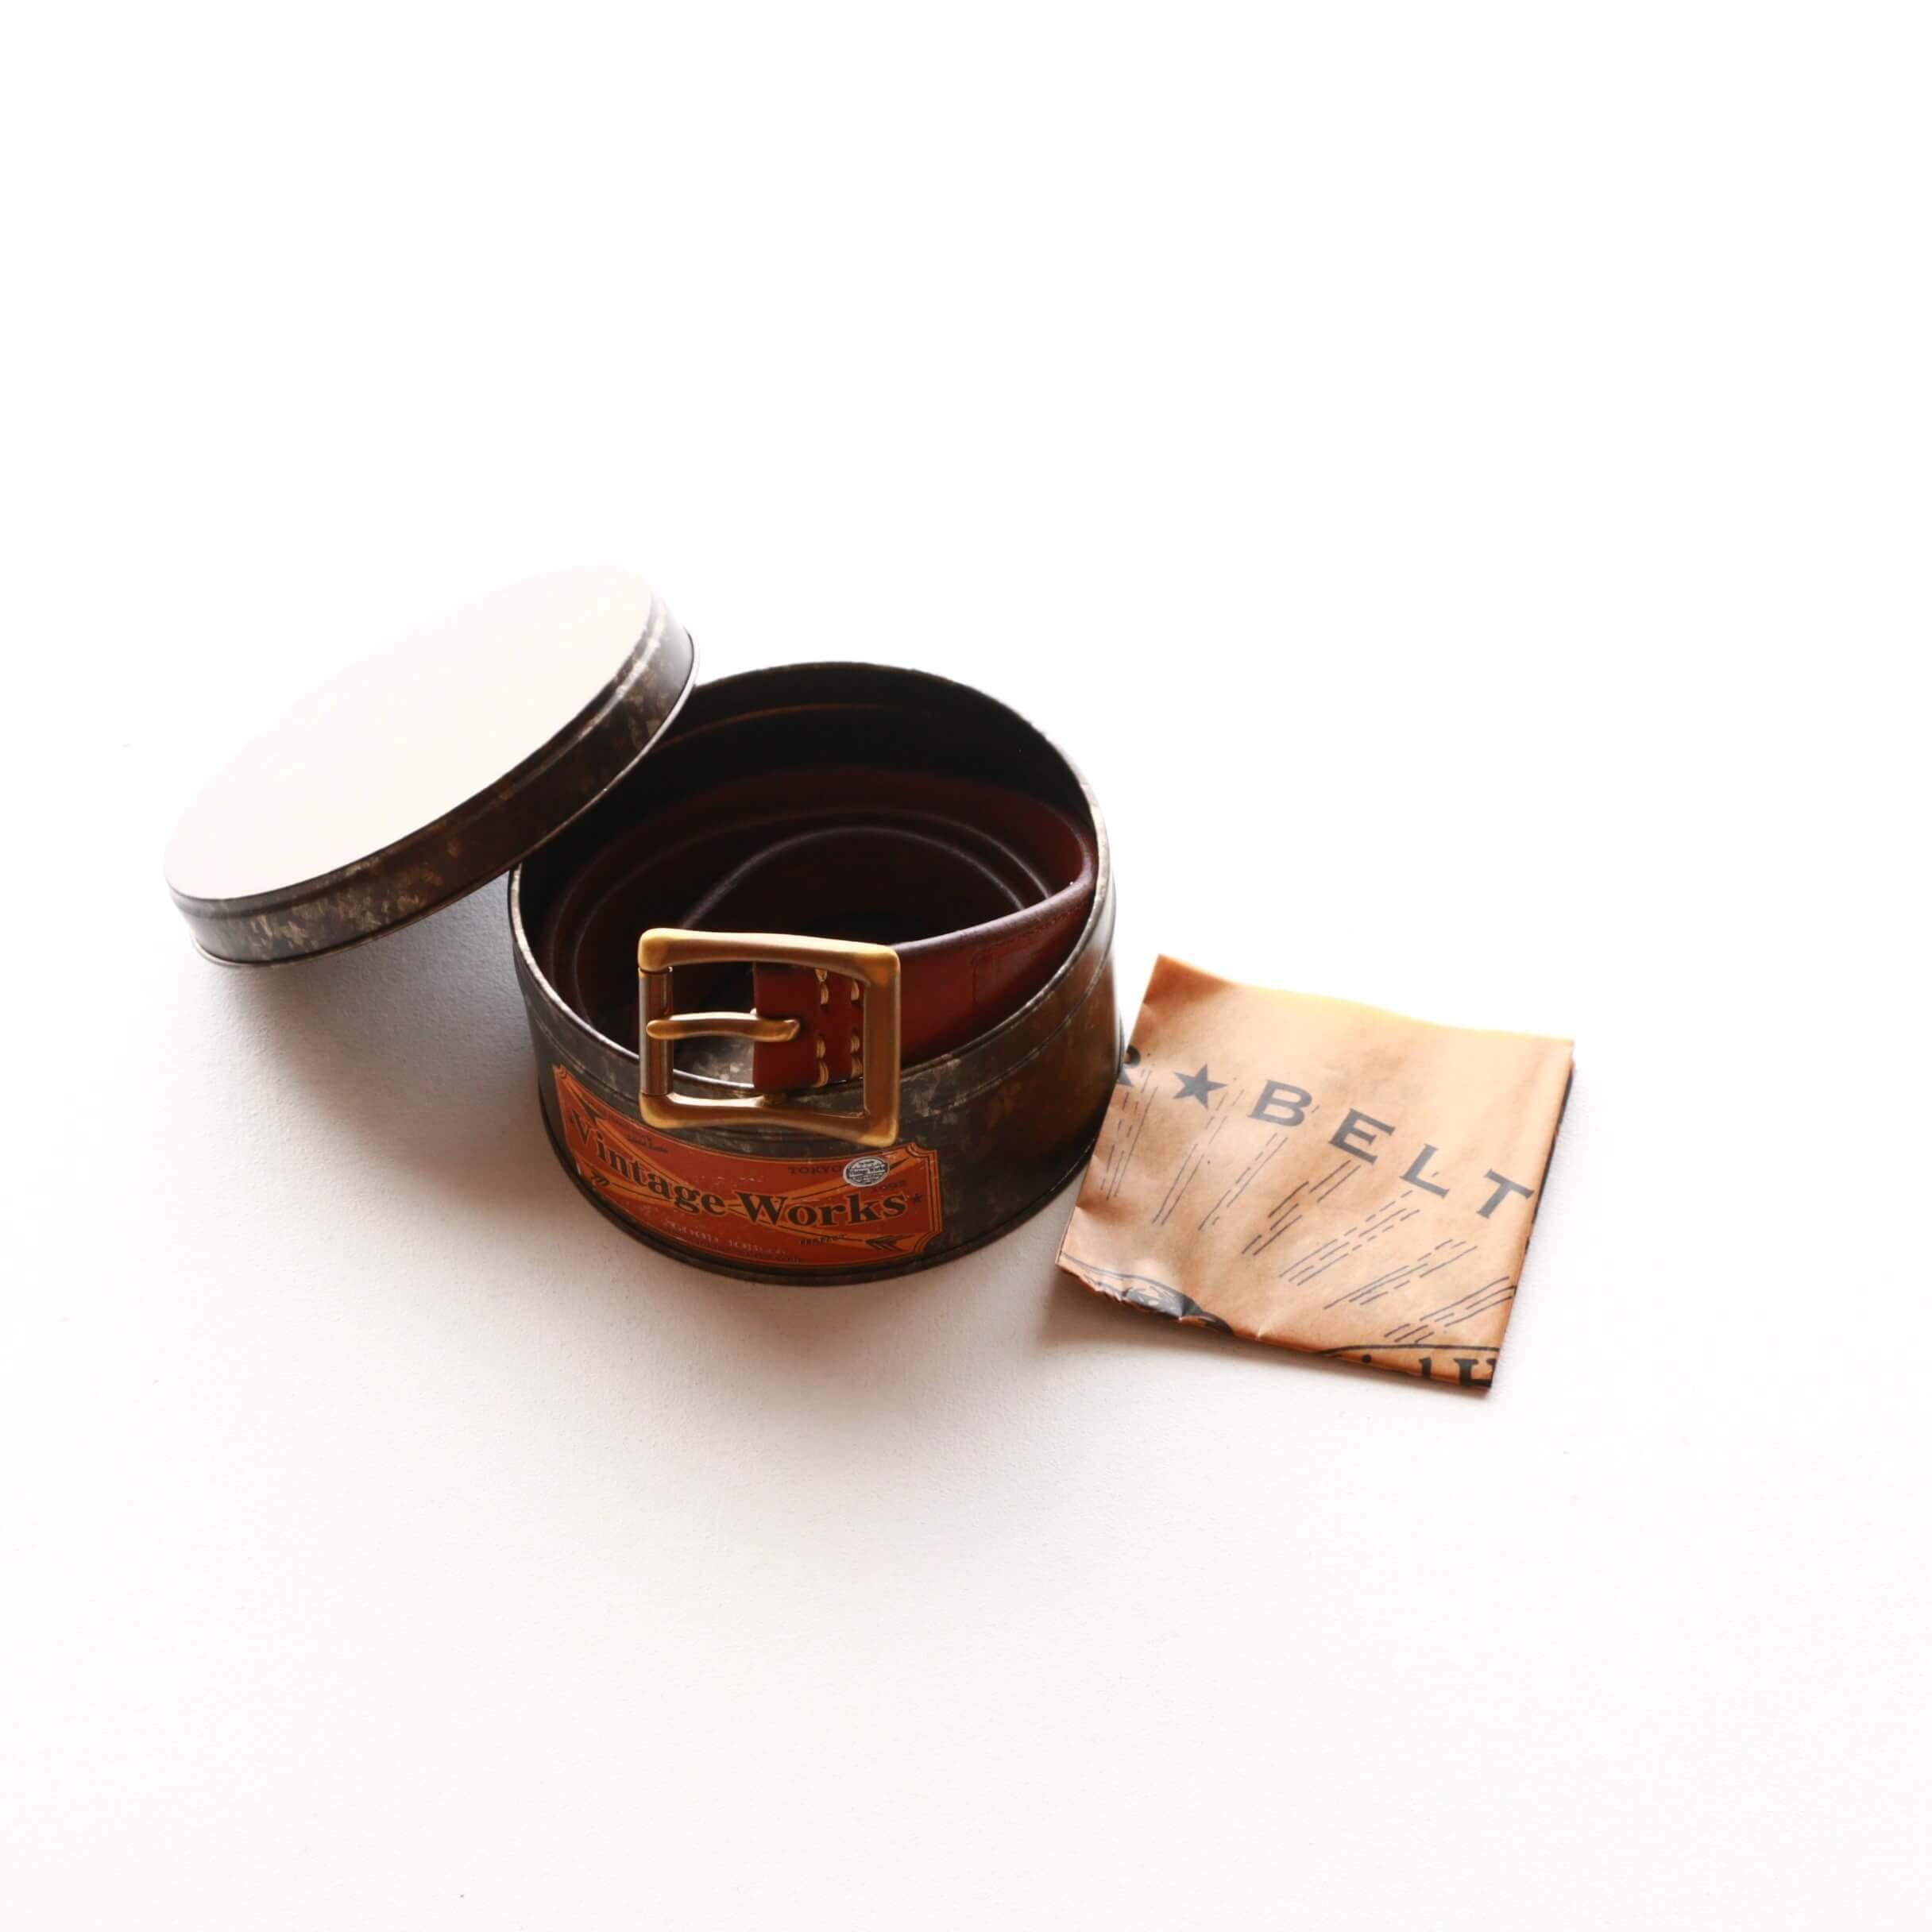 Vintage Works ヴィンテージワークス Leather belt レザーベルト フランネル DH5679